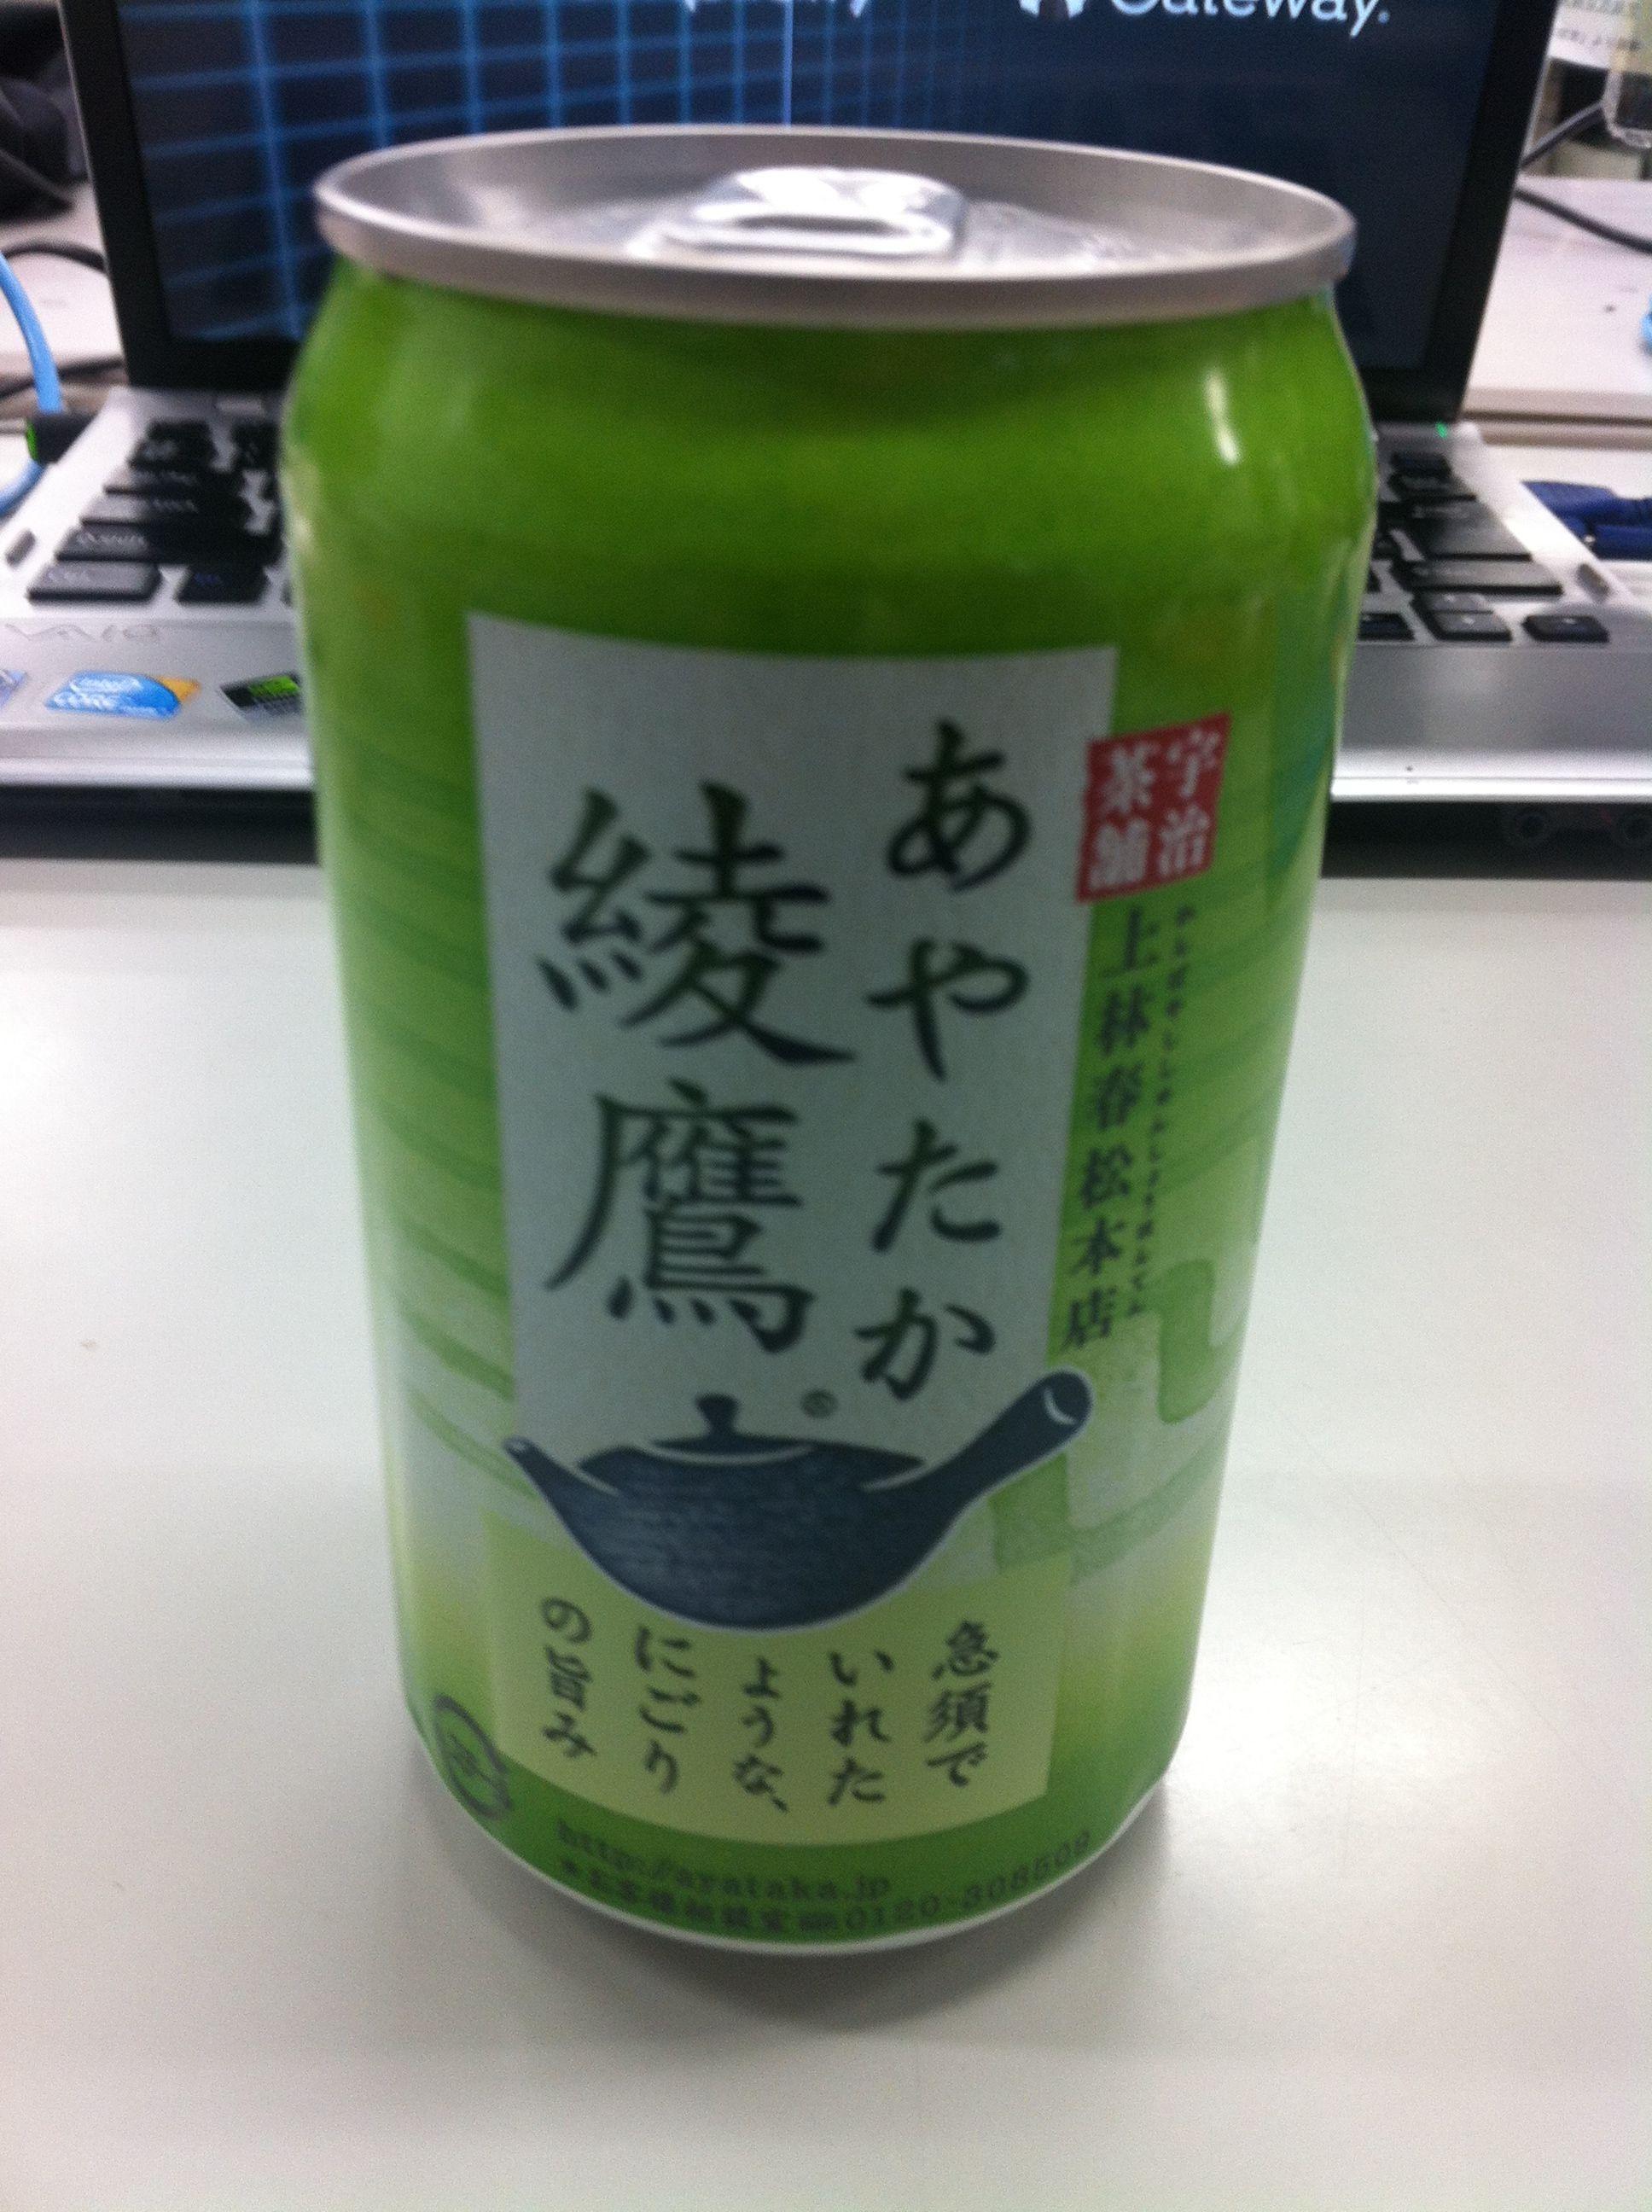 自動販売機でレア物の缶に出会い即買い!しかもホット。てか、缶だと抹茶の濁りわかんないじゃん‼